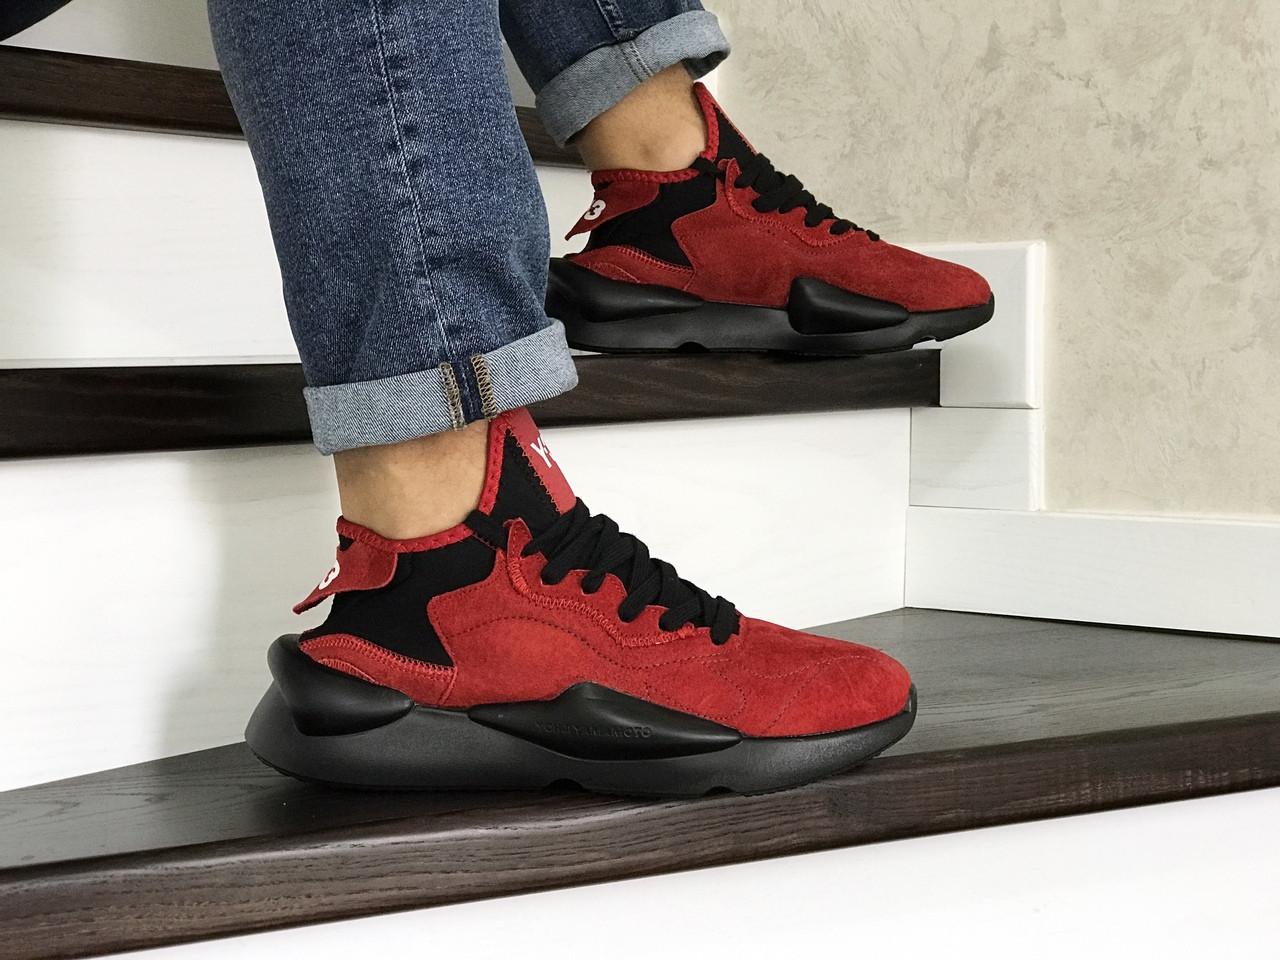 Кроссовки (в стиле) мужские Adidas Y-3 Kaiwa,замшевые,красные